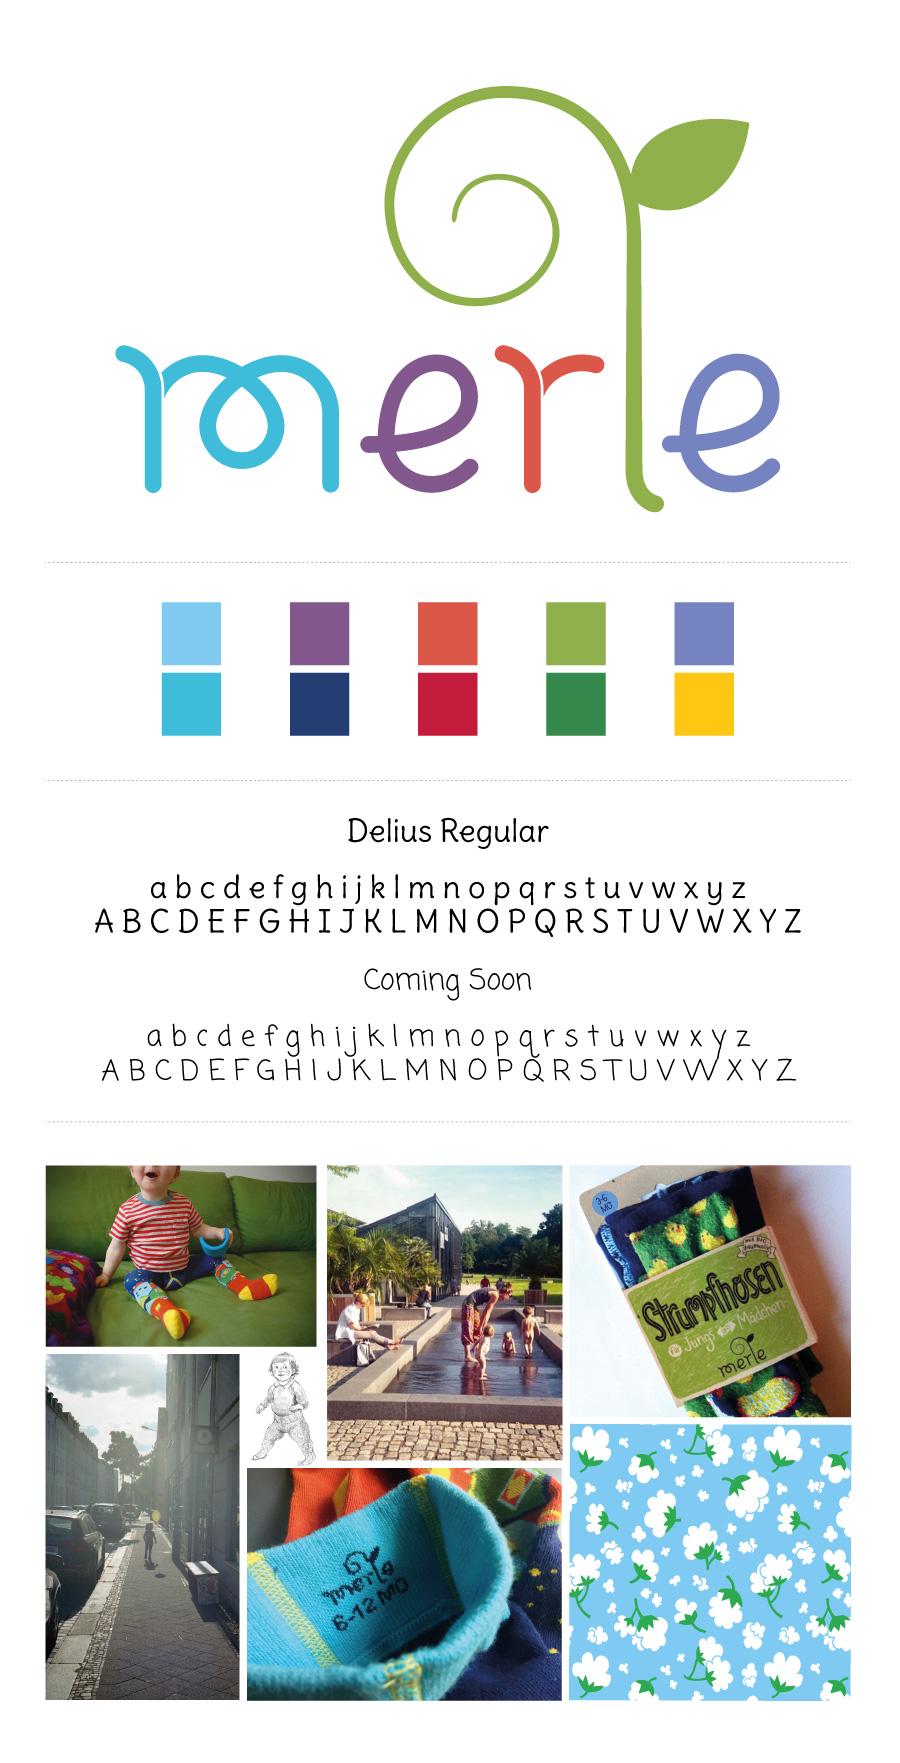 merle-brandidentity.jpg